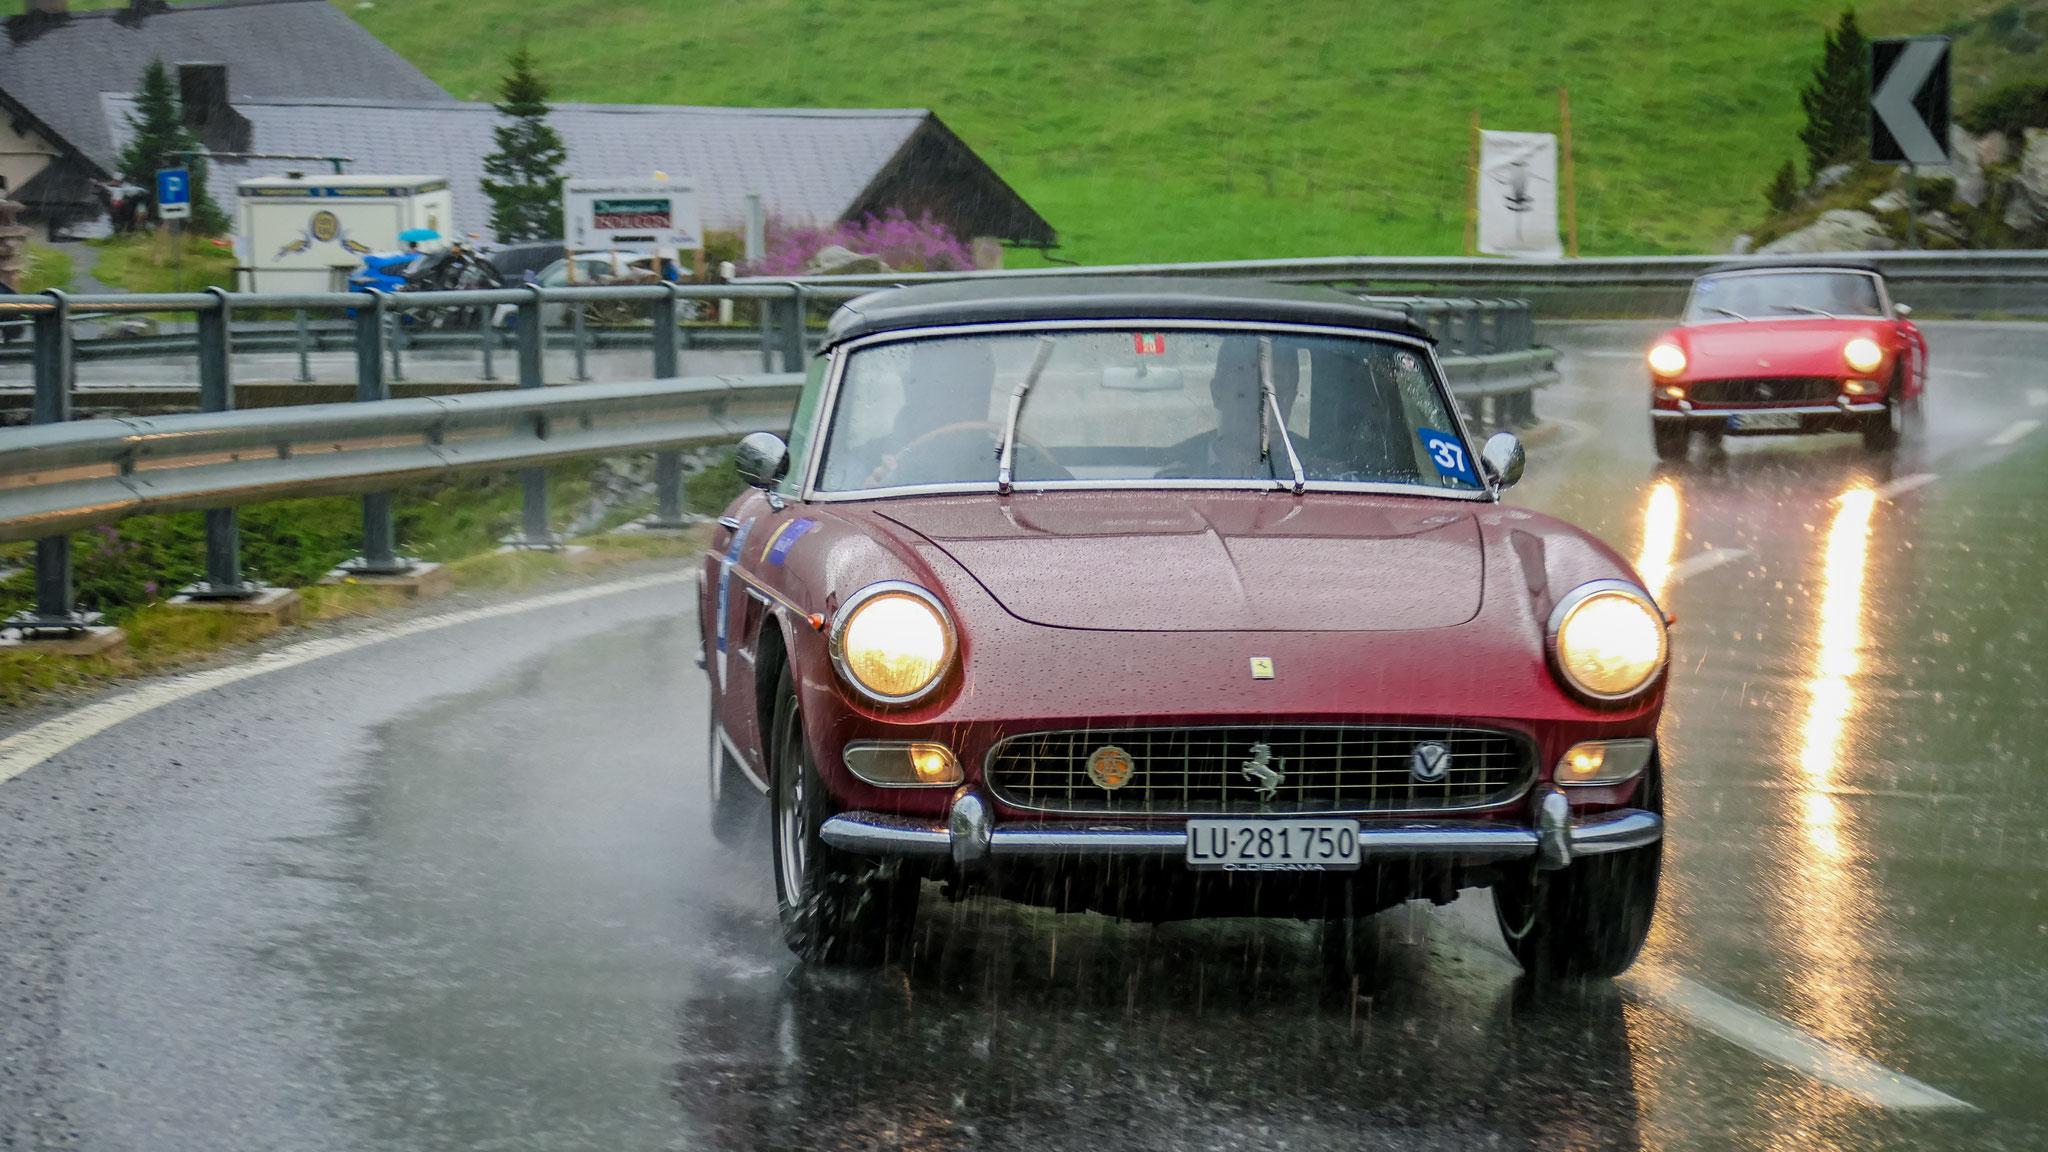 Ferrari 275 GTS - LU-281750 (CH)